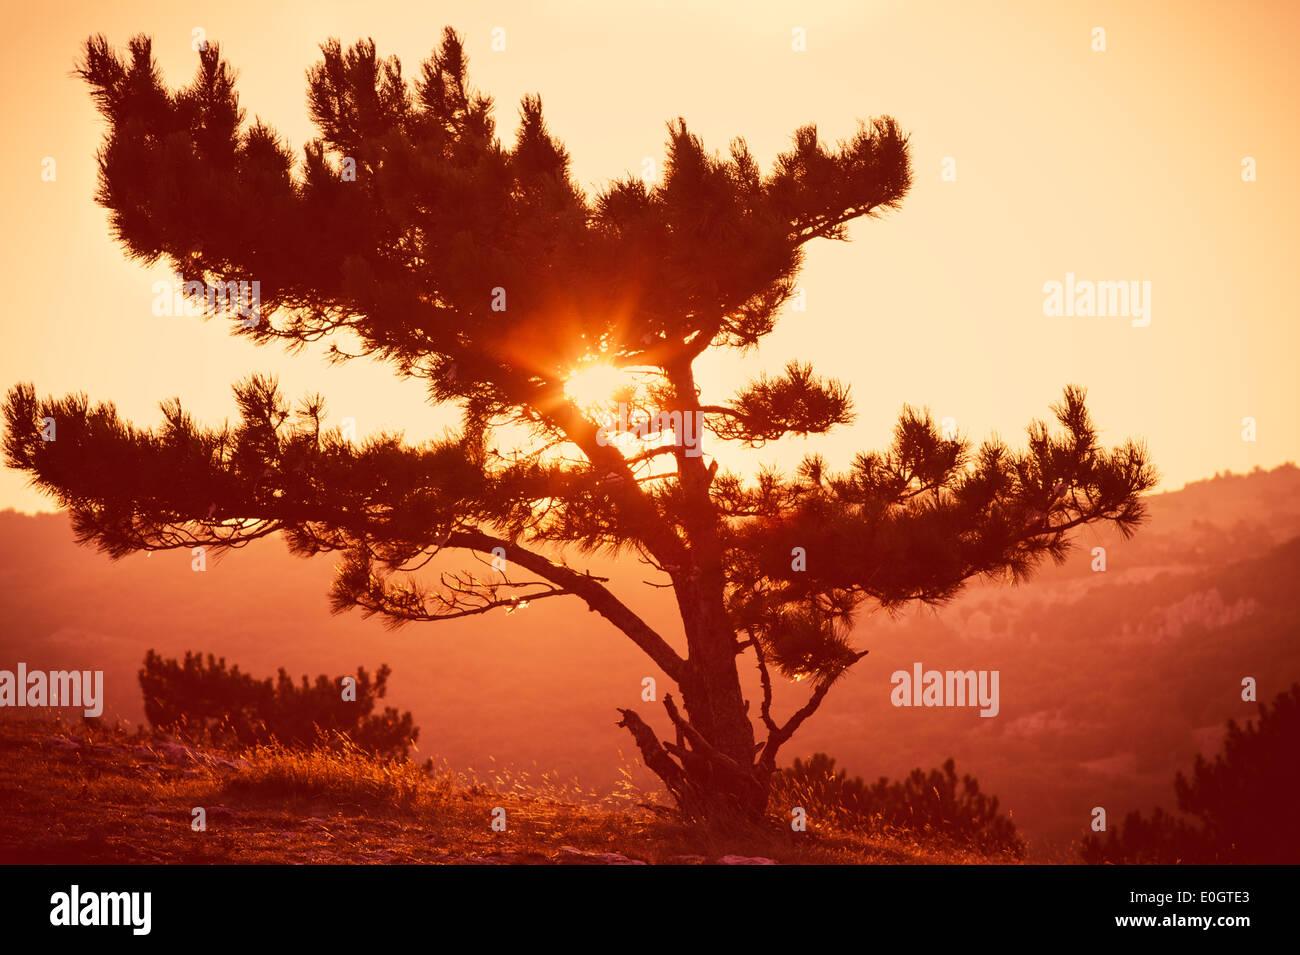 Albero solitario sulla Montagna Bellissimo panorama al tramonto Immagini Stock